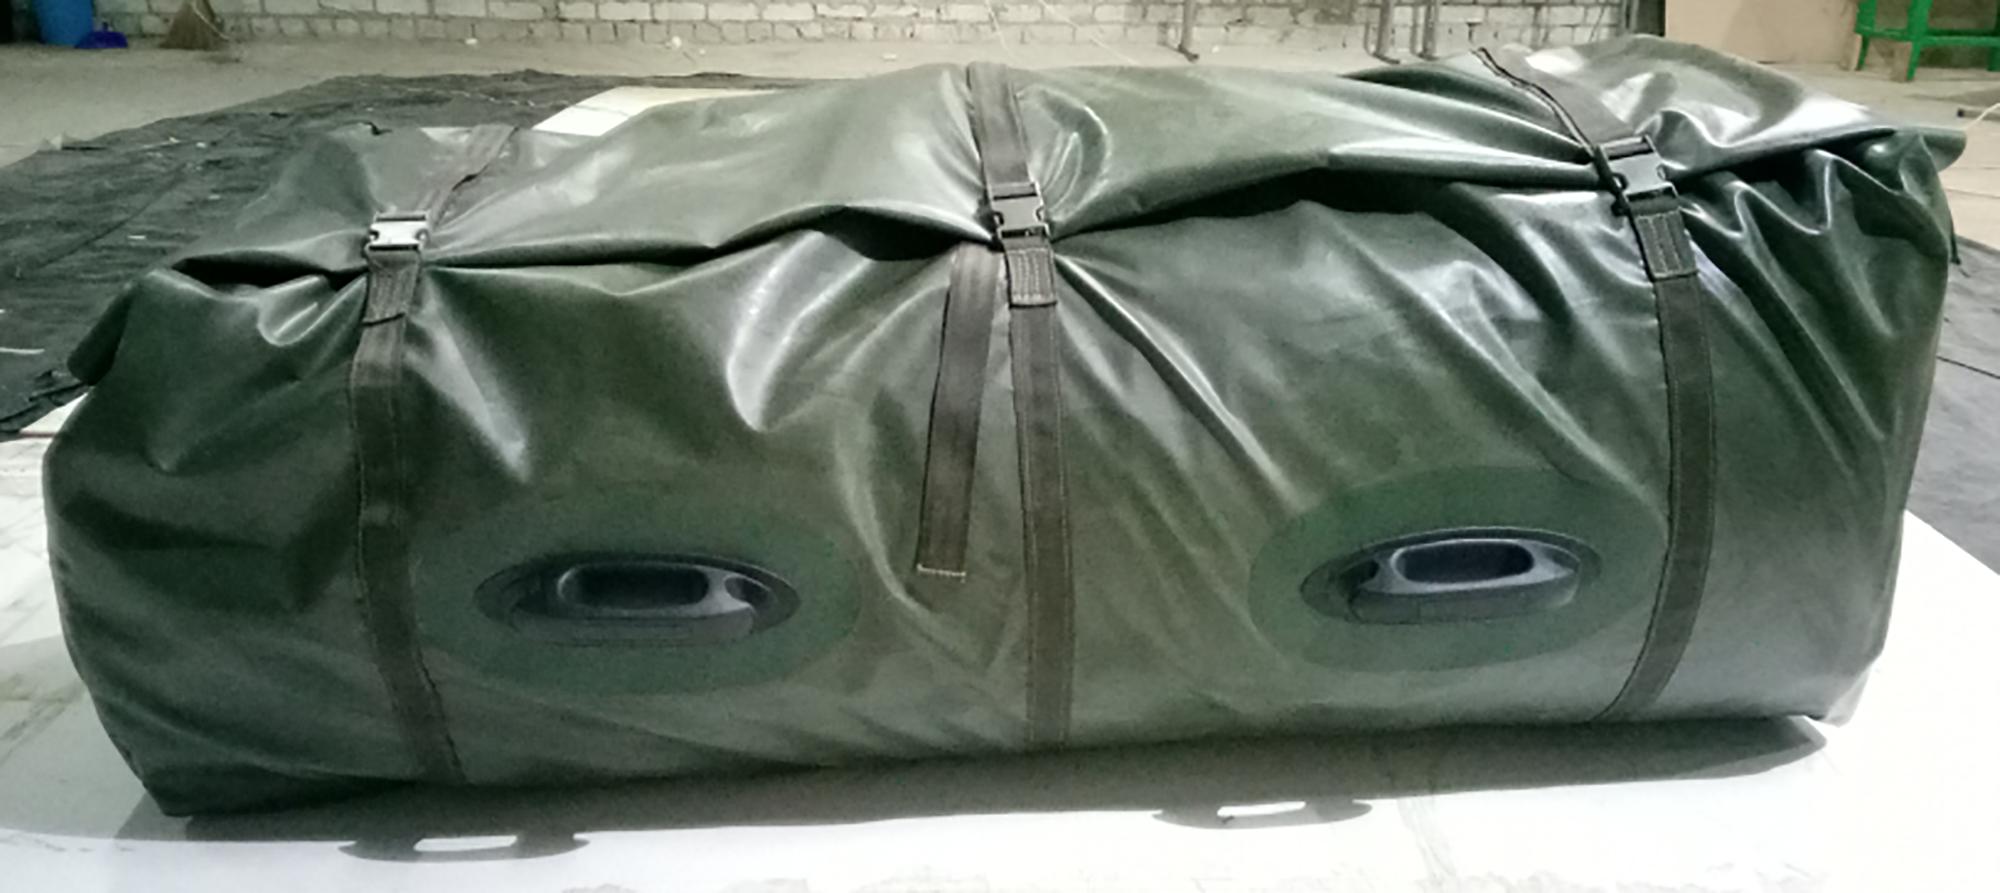 Транспортировочная сумка надувной палатки TENTER ПКП-60-30